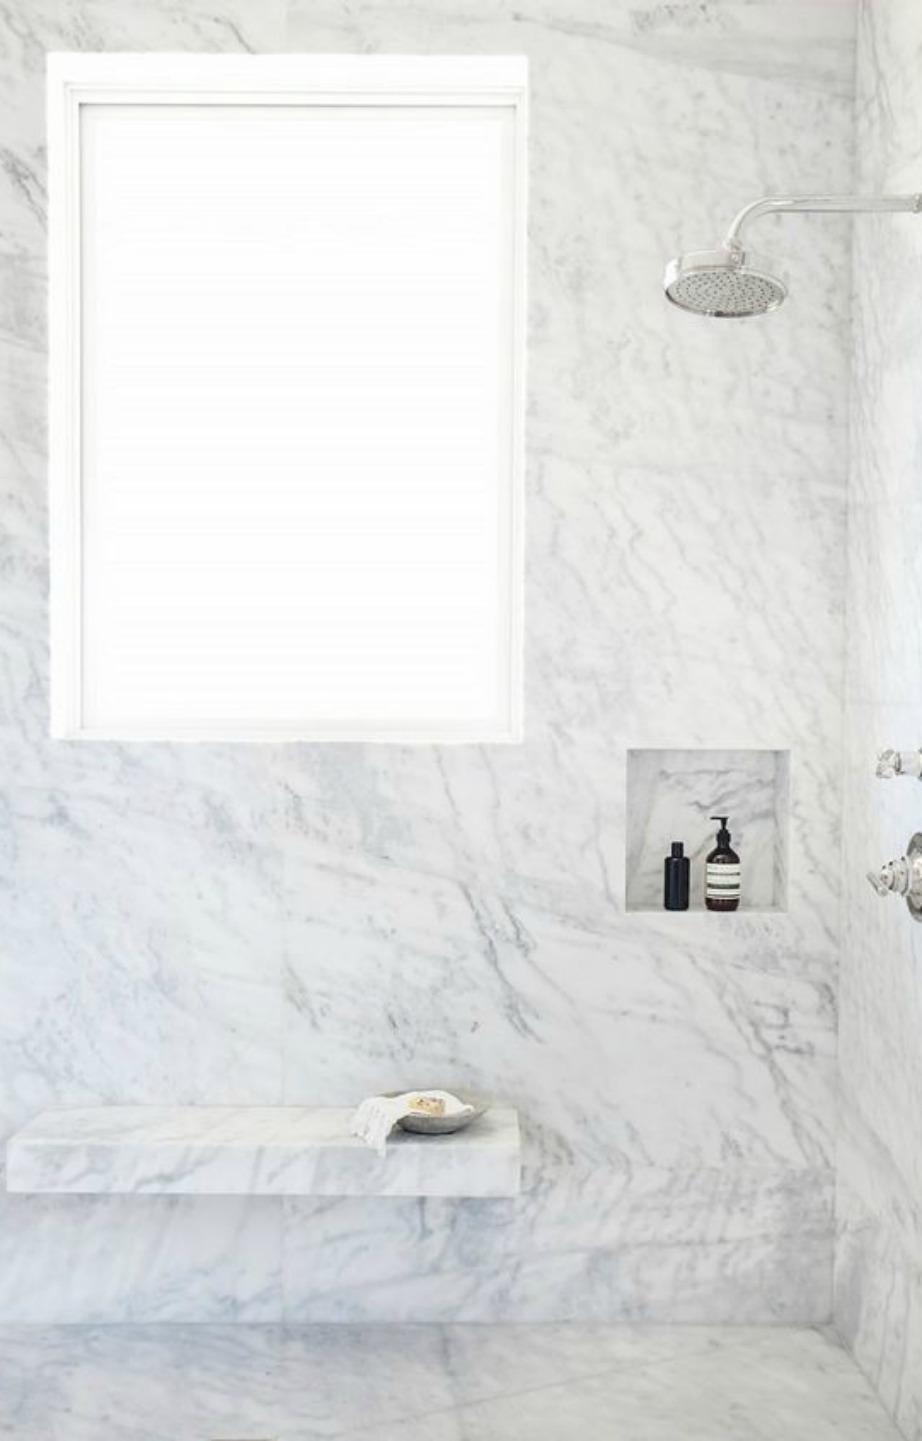 Μίνιμαλ δε σημαίνει απαραίτητα βαρετό. Η μίνιμαλ διακόσμηση είναι must φέτος και ταιριάζει πολύ στο λευκό χρώμα.